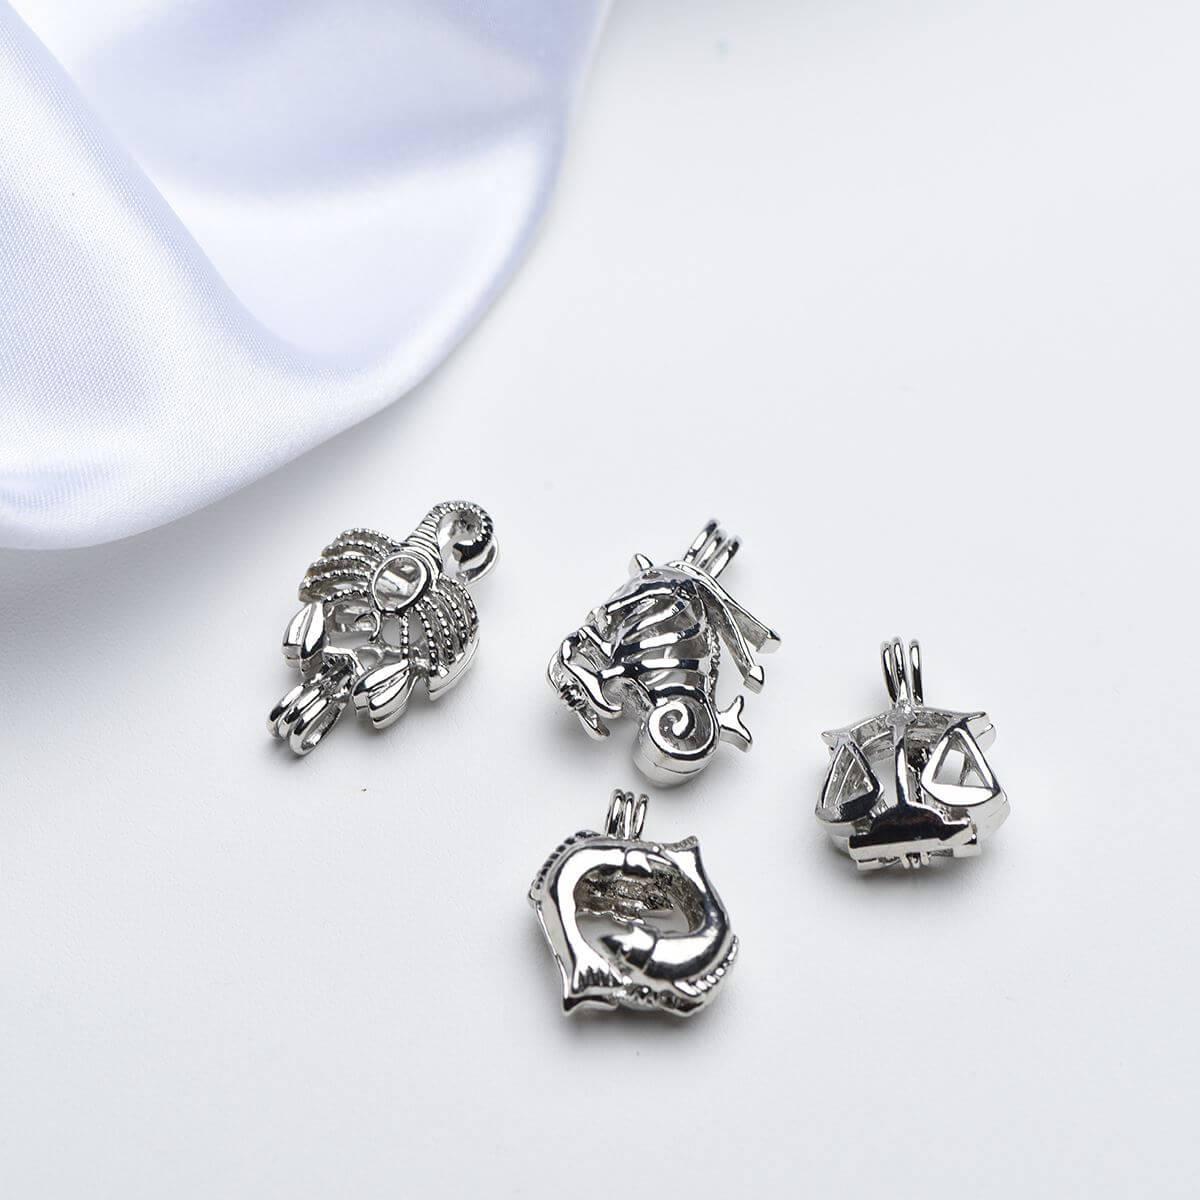 12 zodiac pearl cage pendant